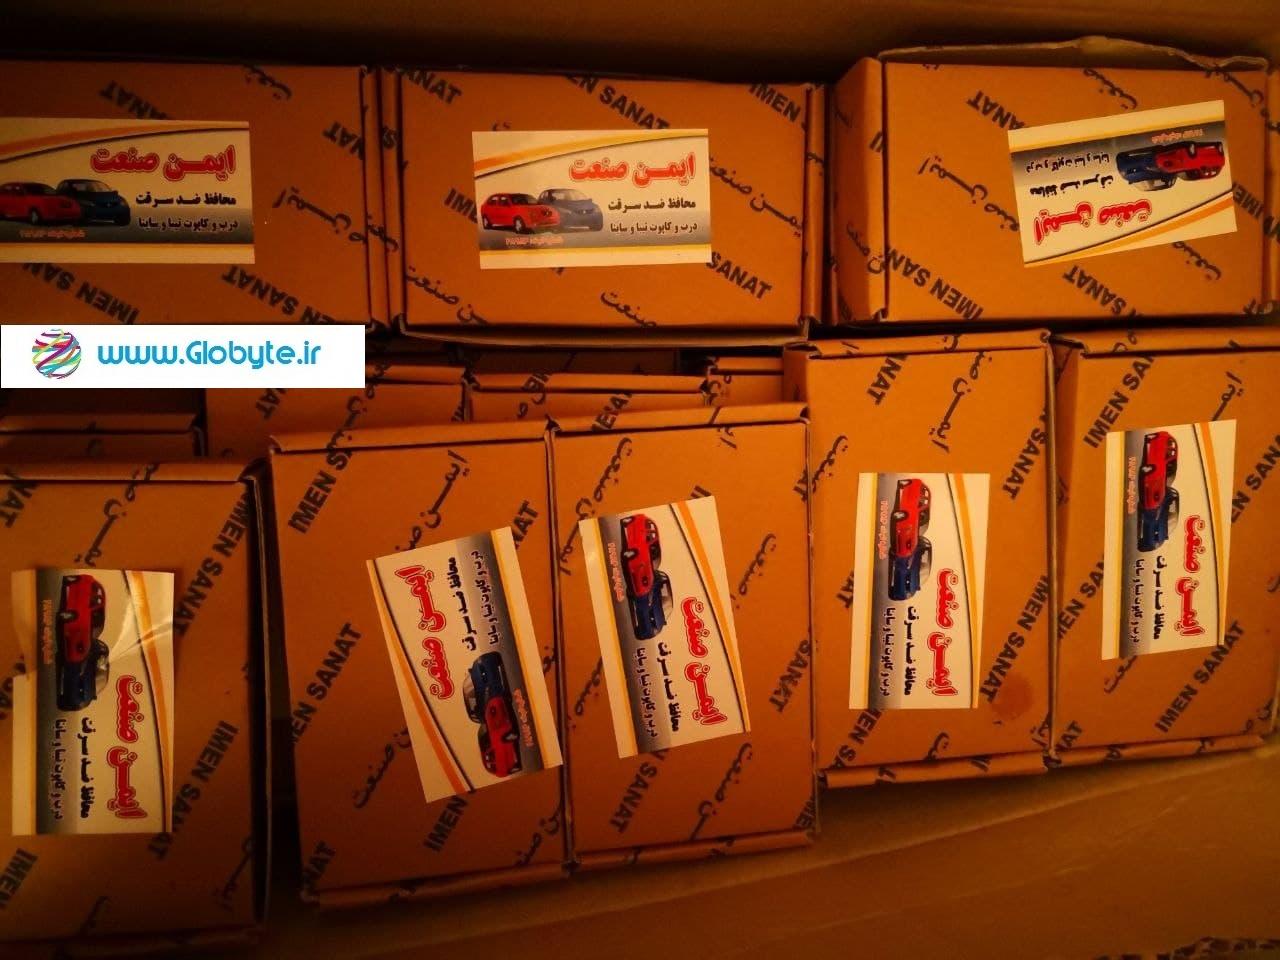 پخش عمده محافظ ضدسرقت درب و کاپوت تیبا و ساینا (قطعات ۳ تکه کامل) کارتن 30 تایی